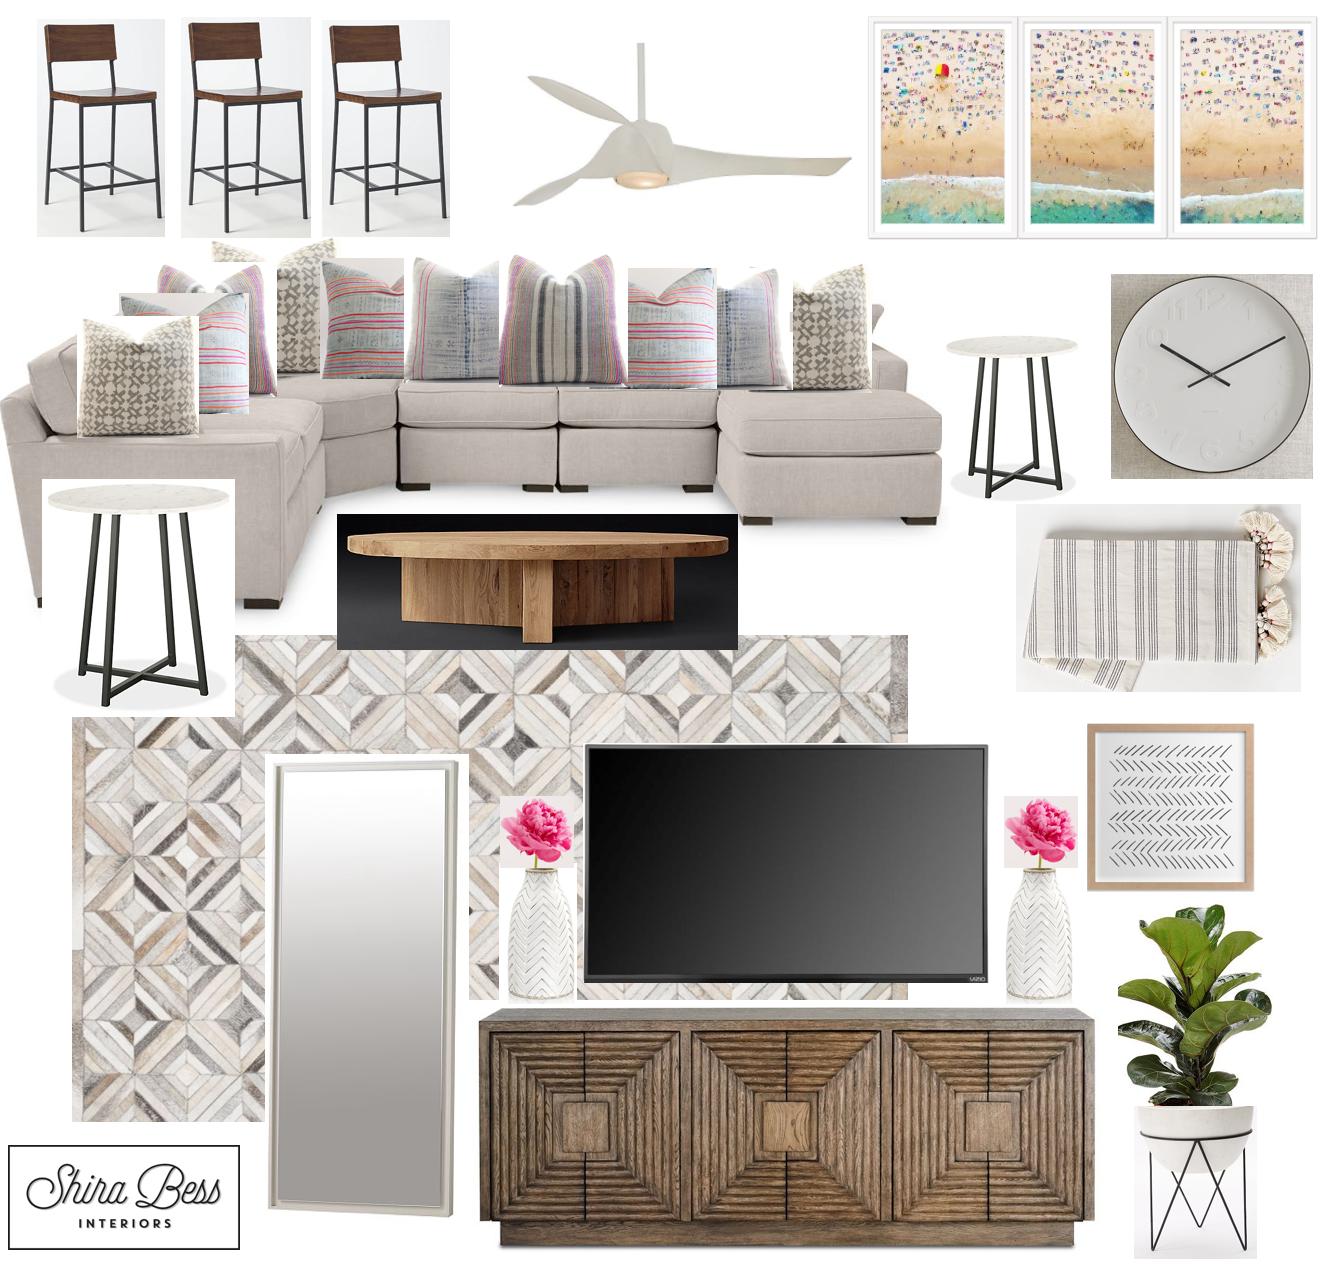 Boynton Family Room - Final Design